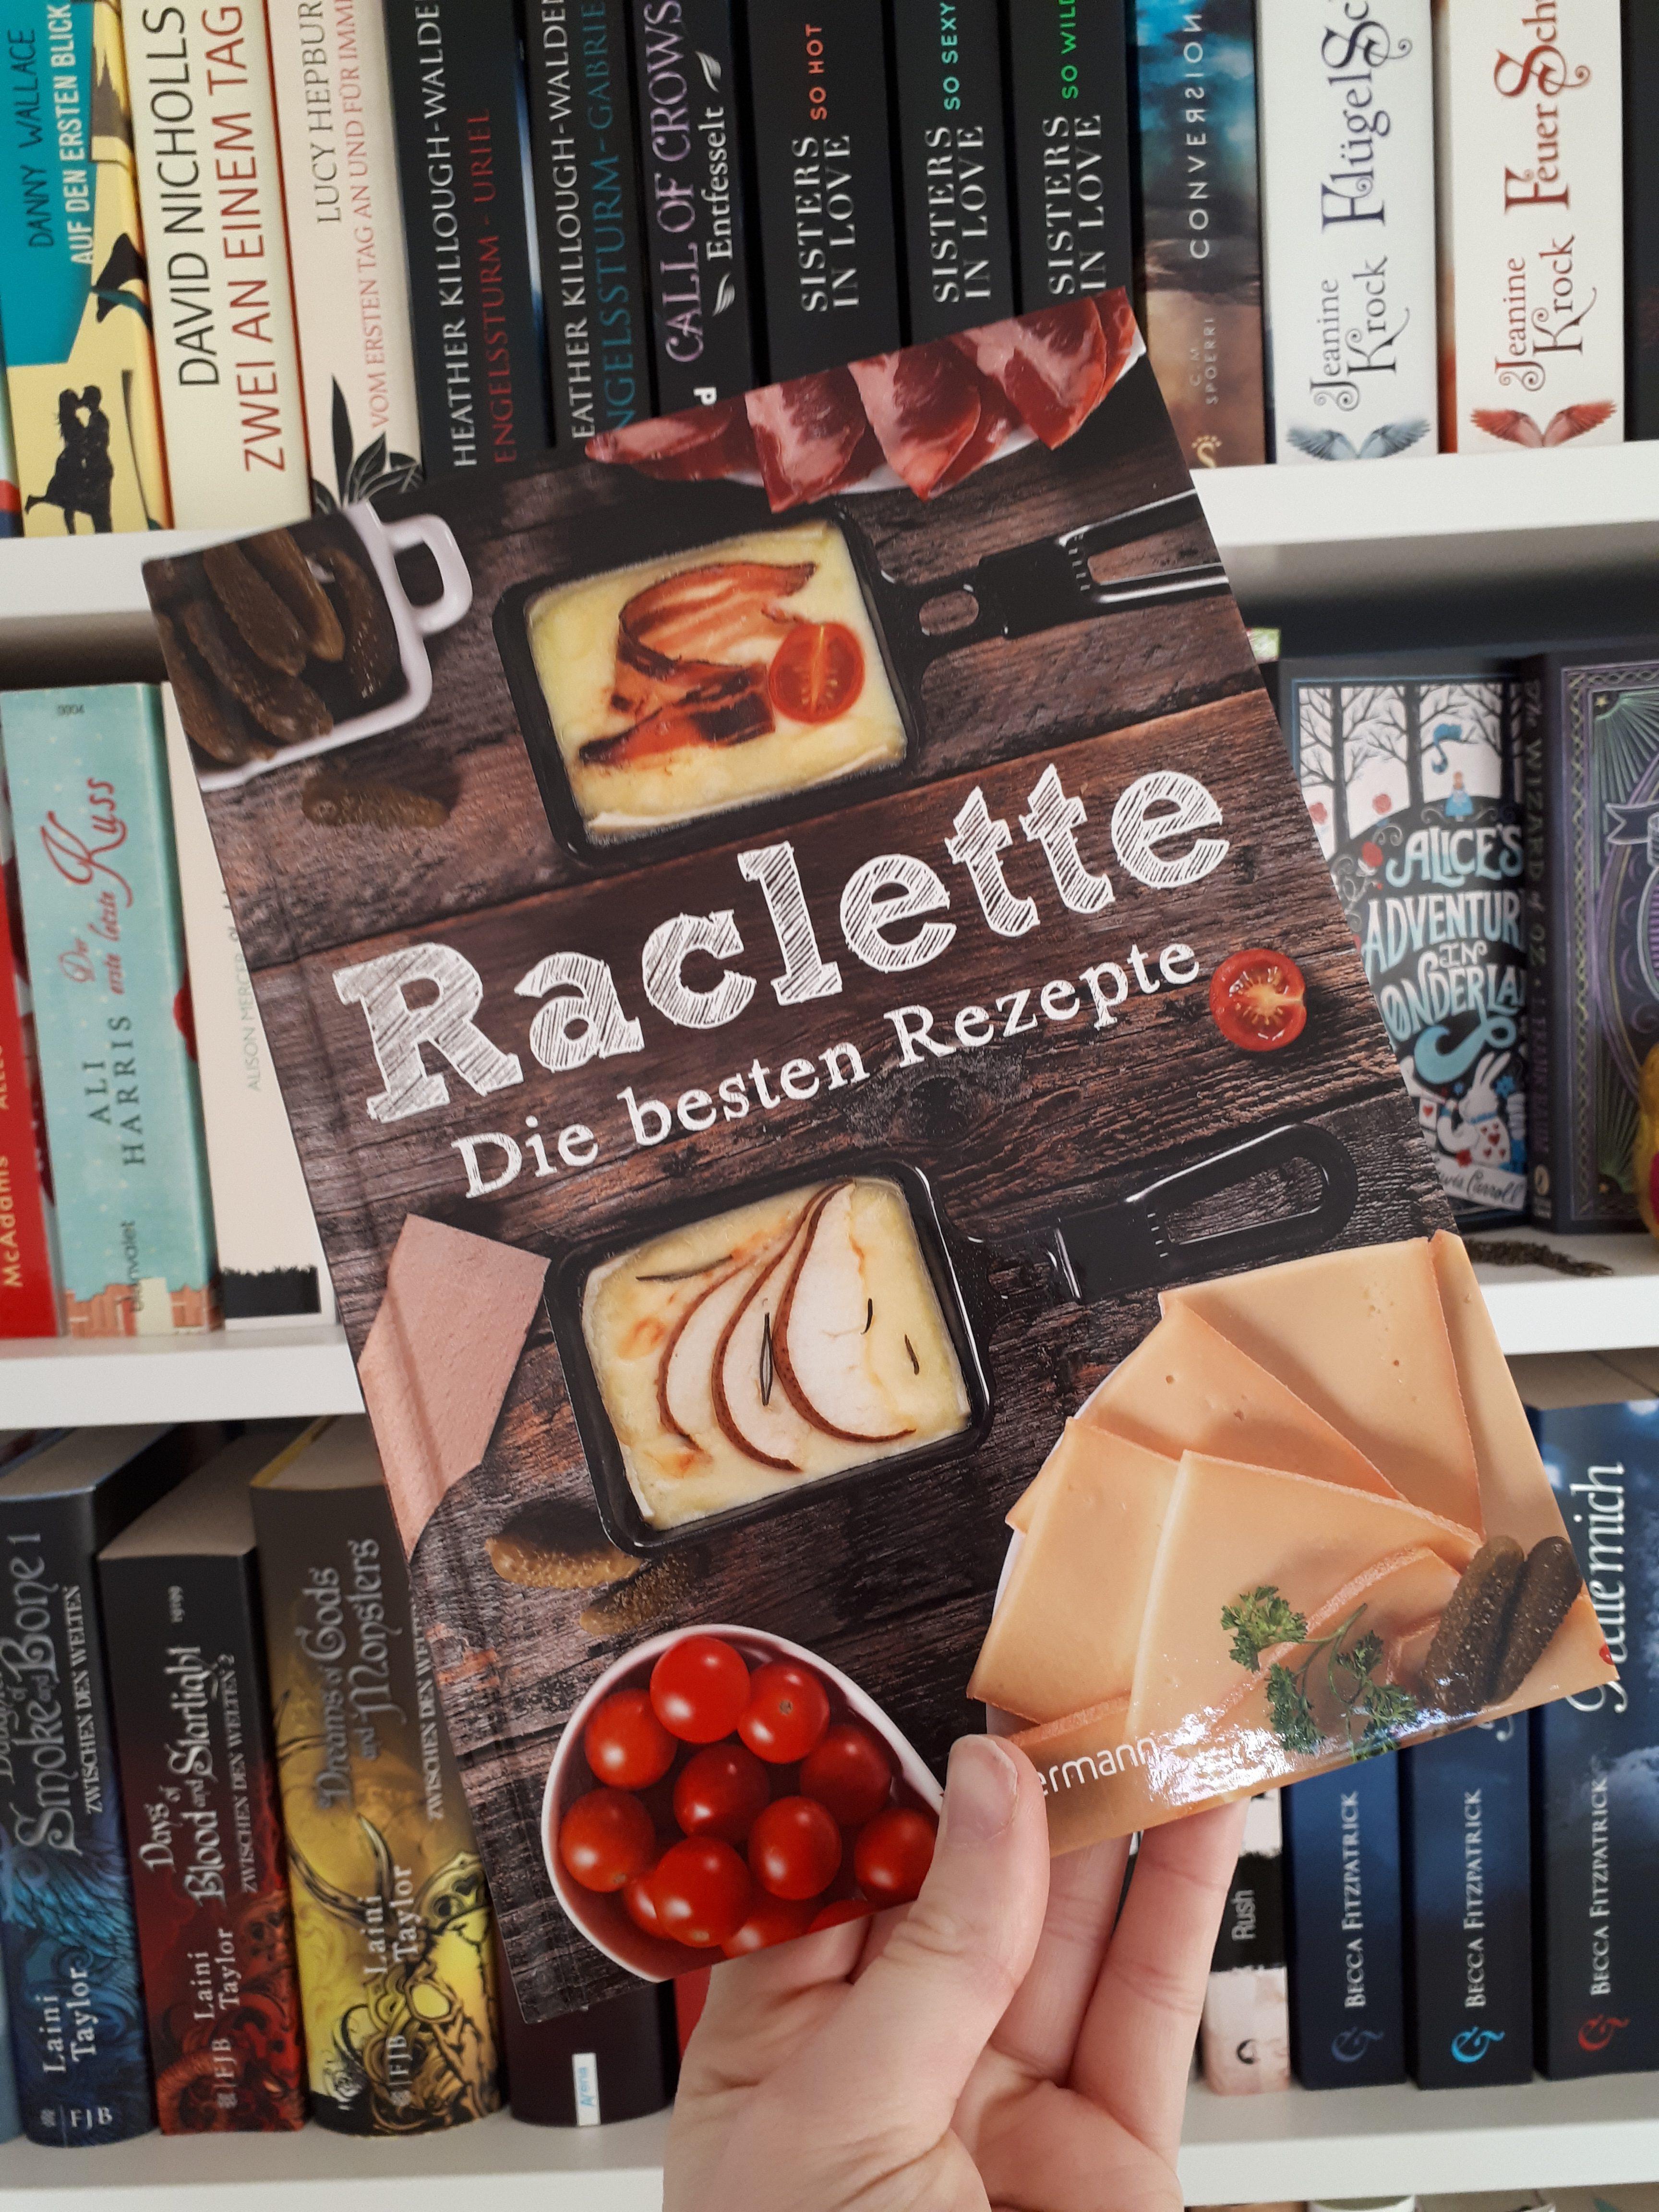 [Werbung] Raclette: Die besten Rezepte – Carina Mira